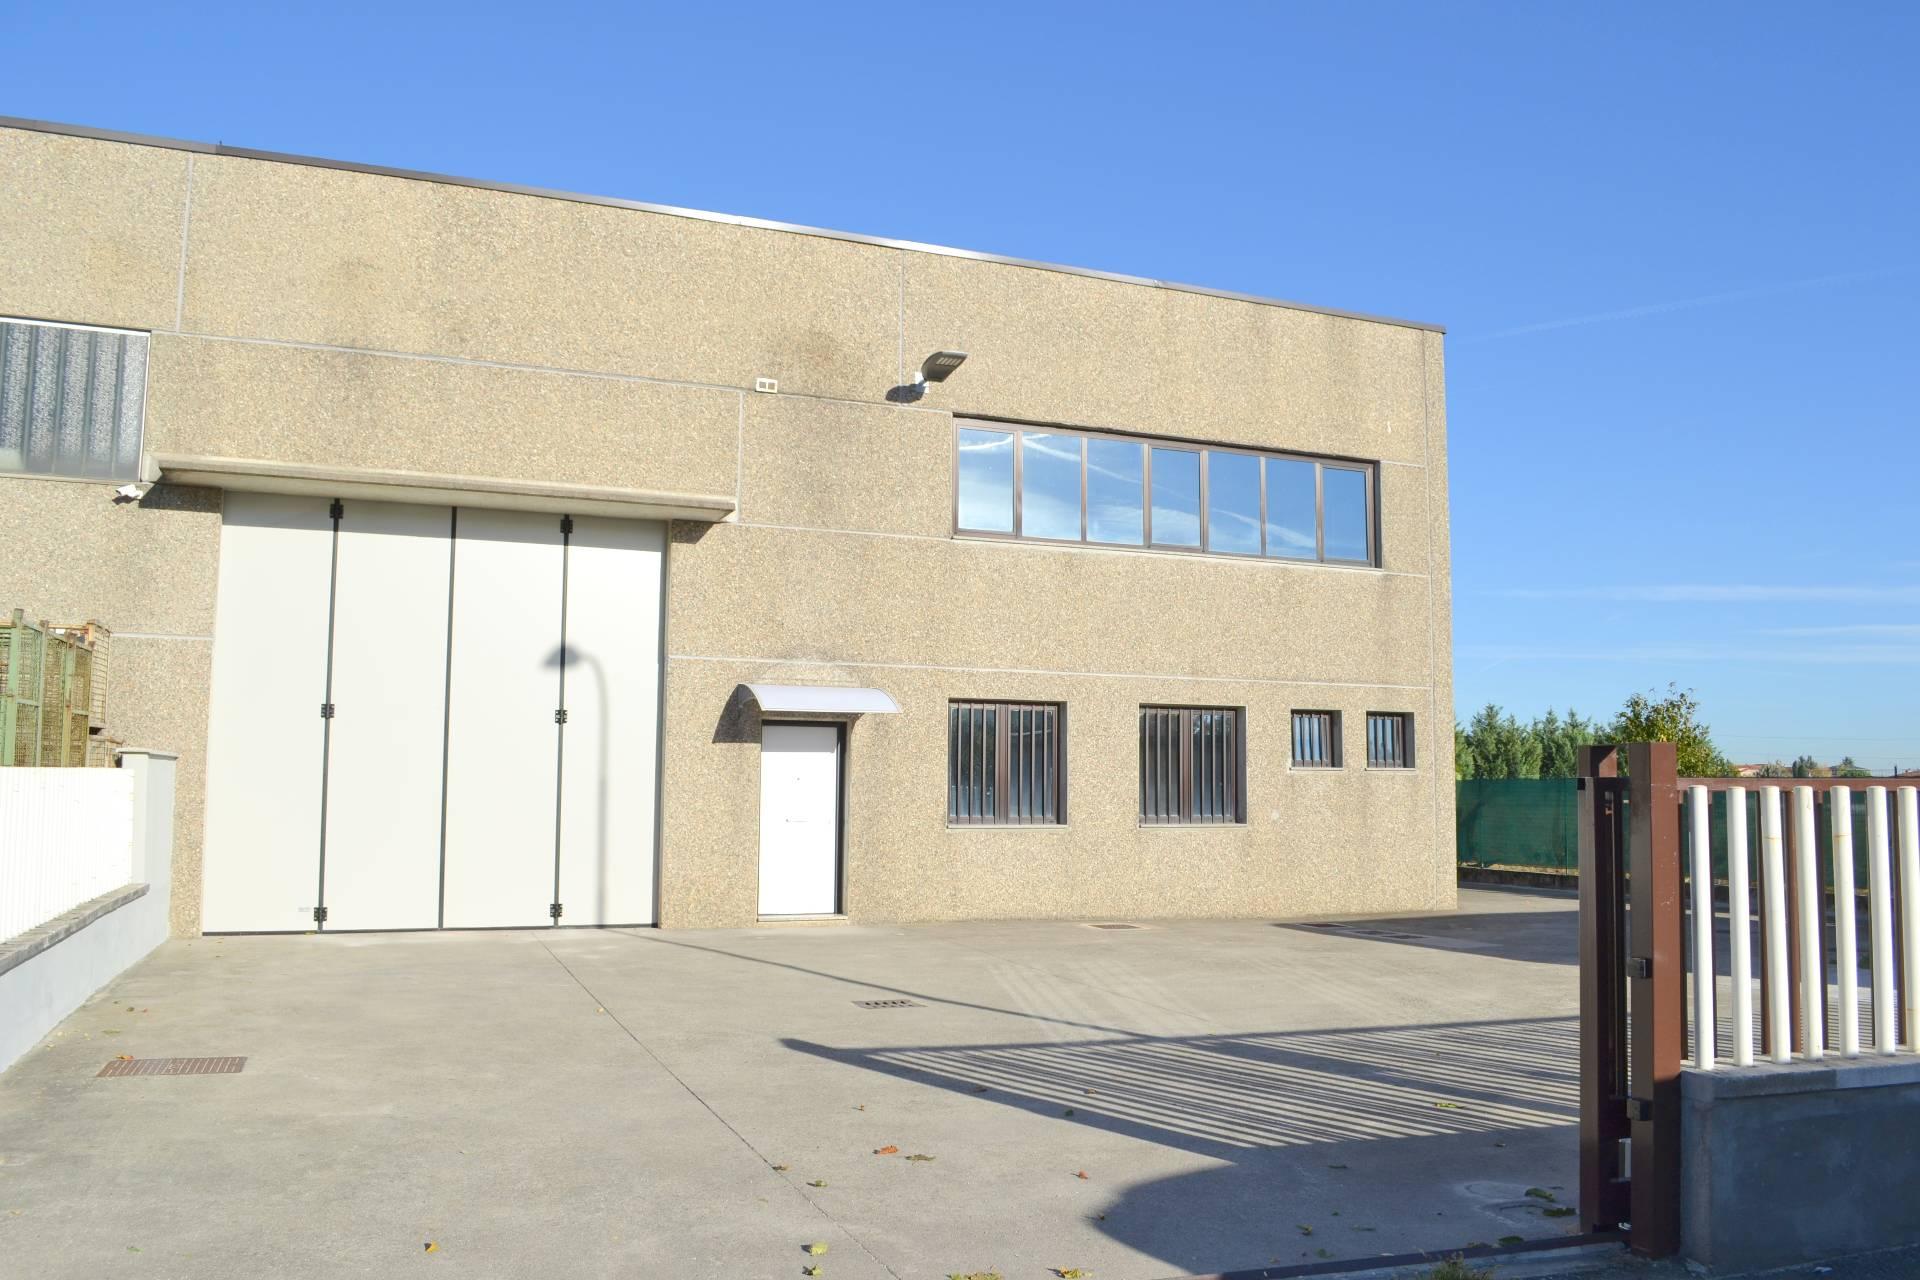 Capannone in vendita a Trezzano Rosa, 9999 locali, prezzo € 359.000 | PortaleAgenzieImmobiliari.it